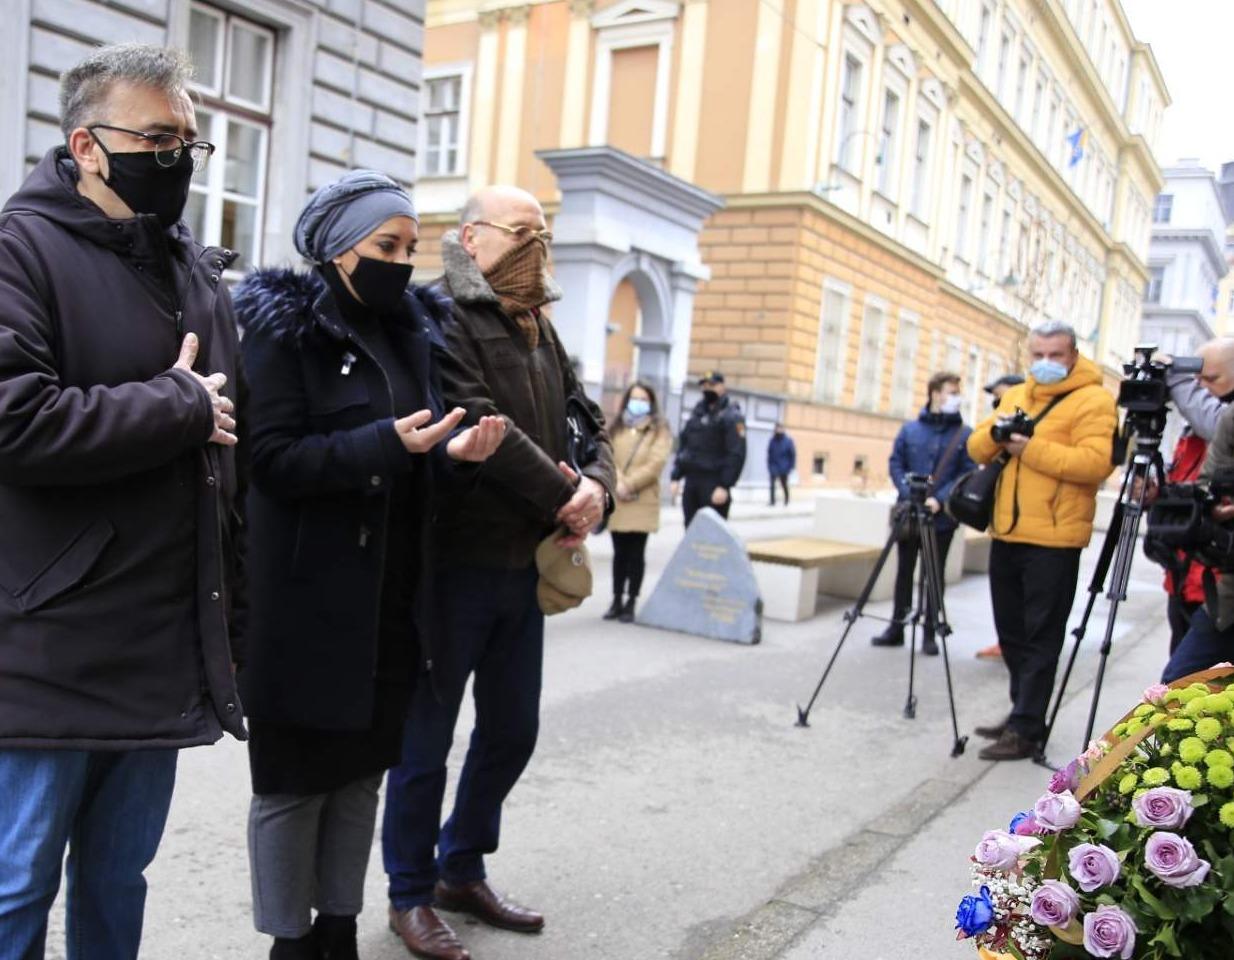 Obilježena 27. godišnjica: Položeno cvijeće na mjestu masakra ispred OŠ Safvet-beg Bašagić